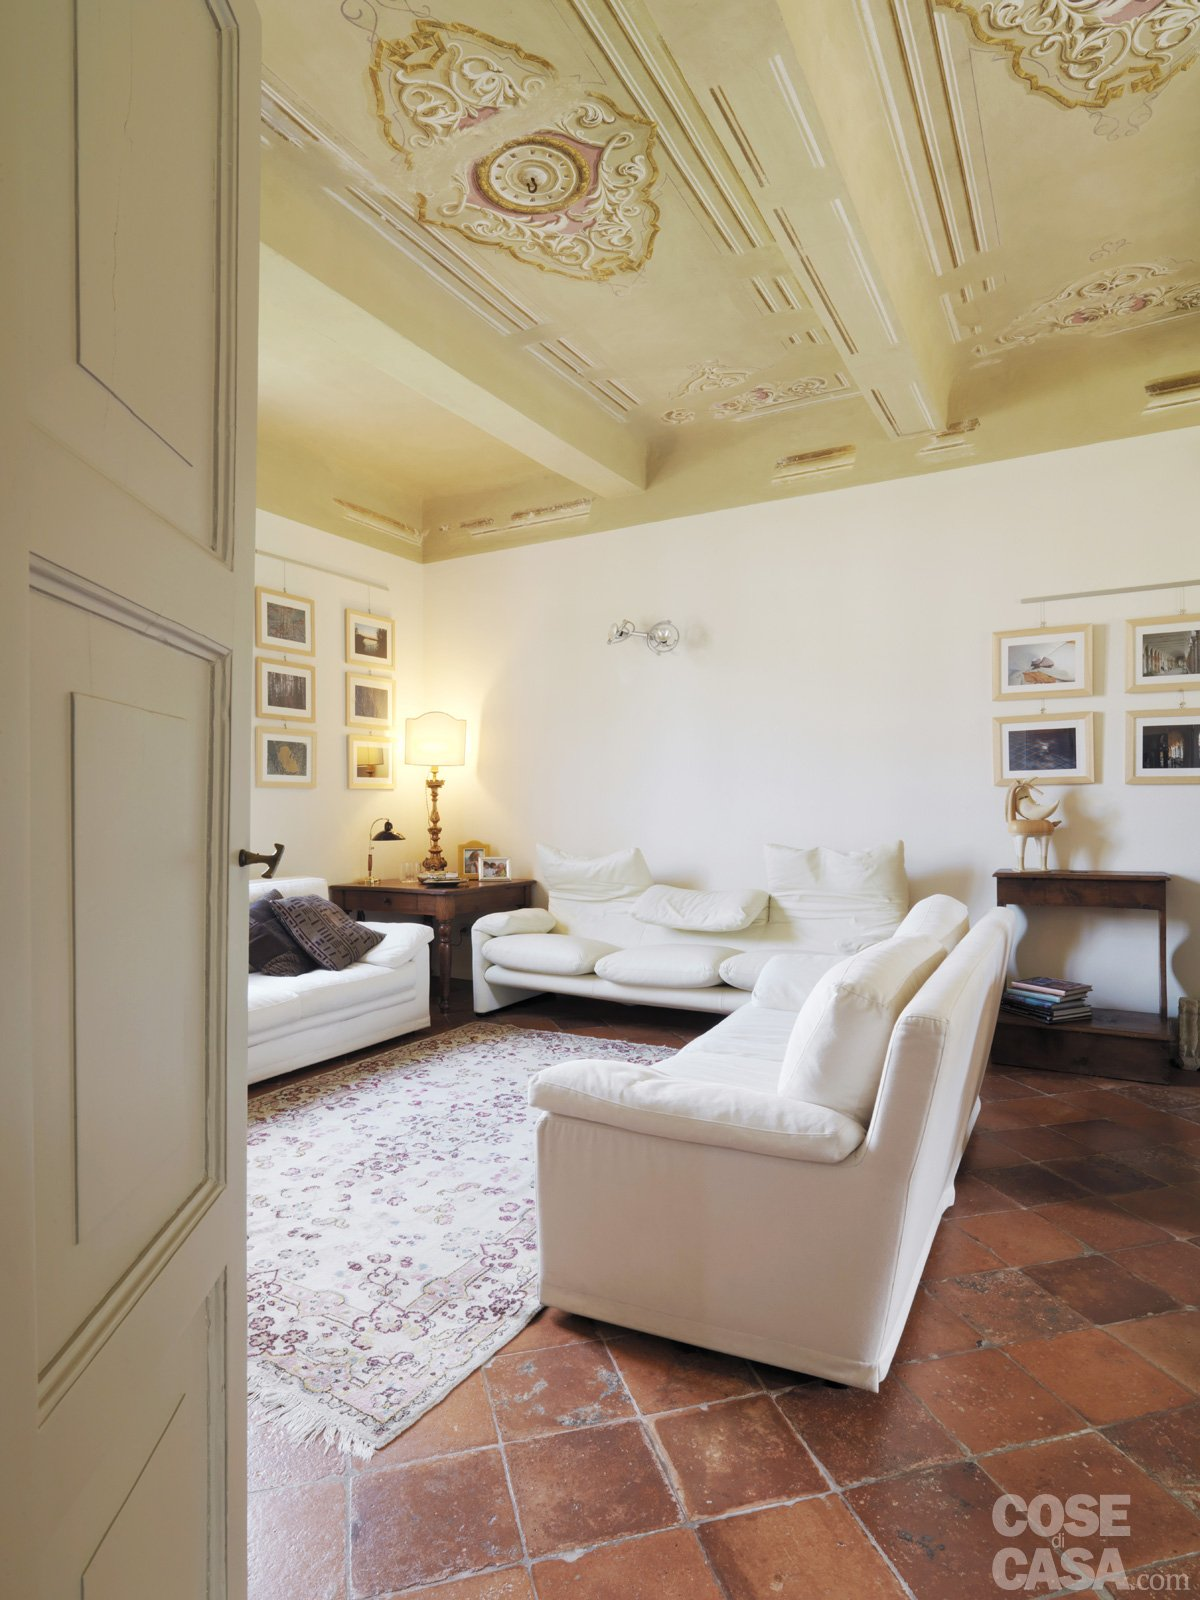 Case di montagna interni arredamento : case mobili legno roma ...